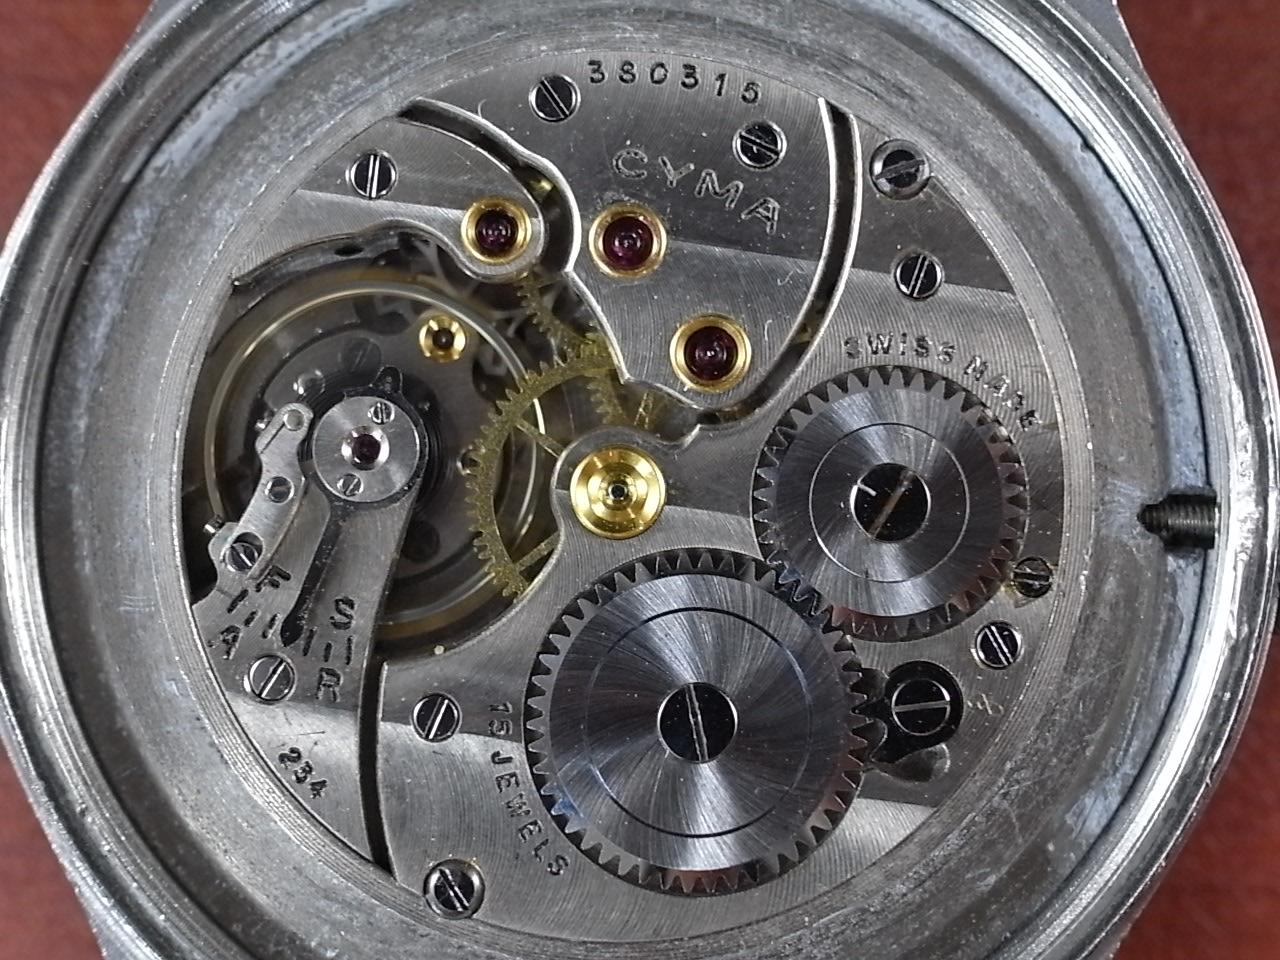 シーマ 軍用時計 英陸軍 W.W.W.  SSラージケース 1940年代の写真5枚目